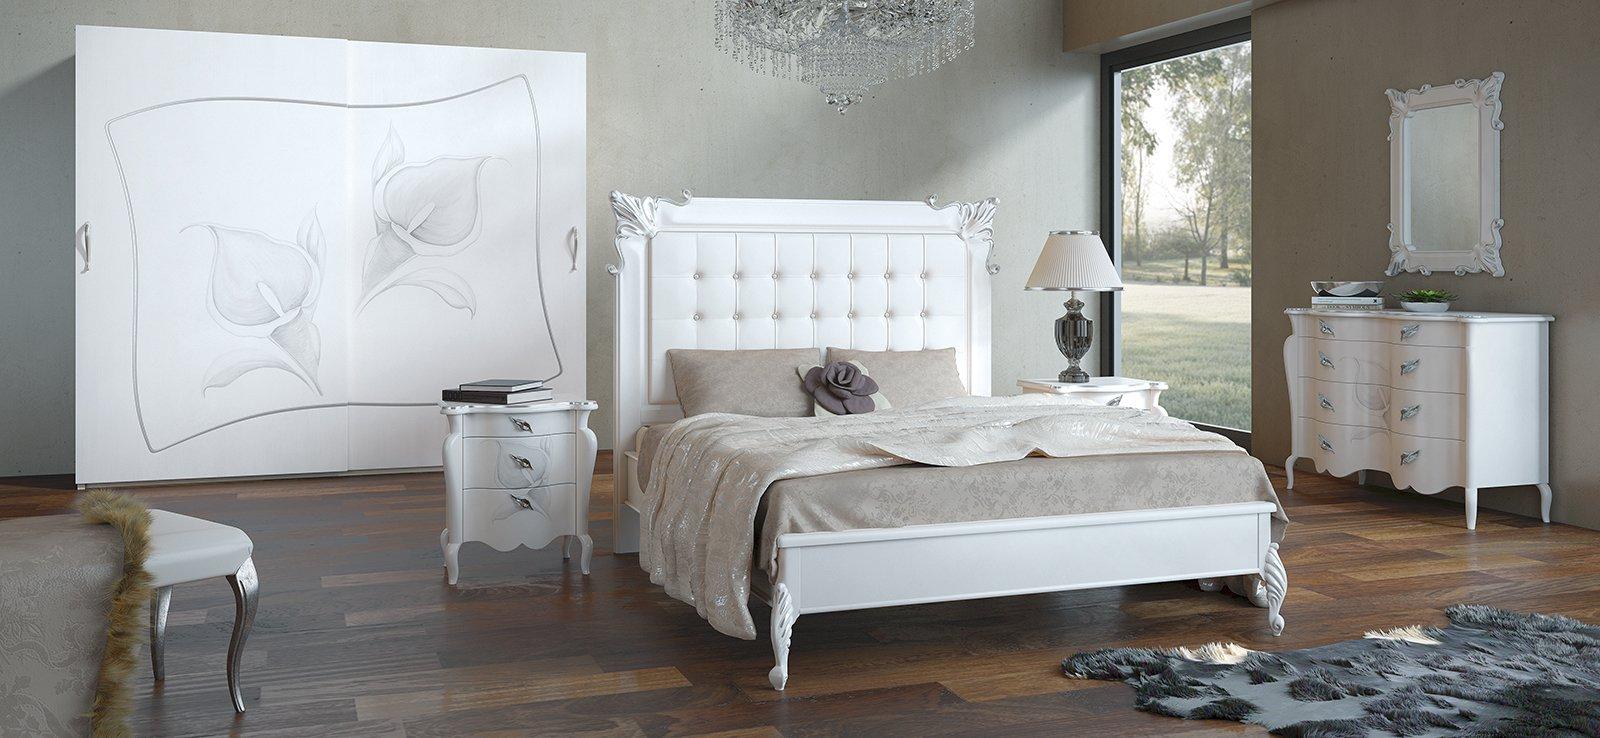 L 39 armadio decorato in stile new classic cose di casa - Camera letto design ...